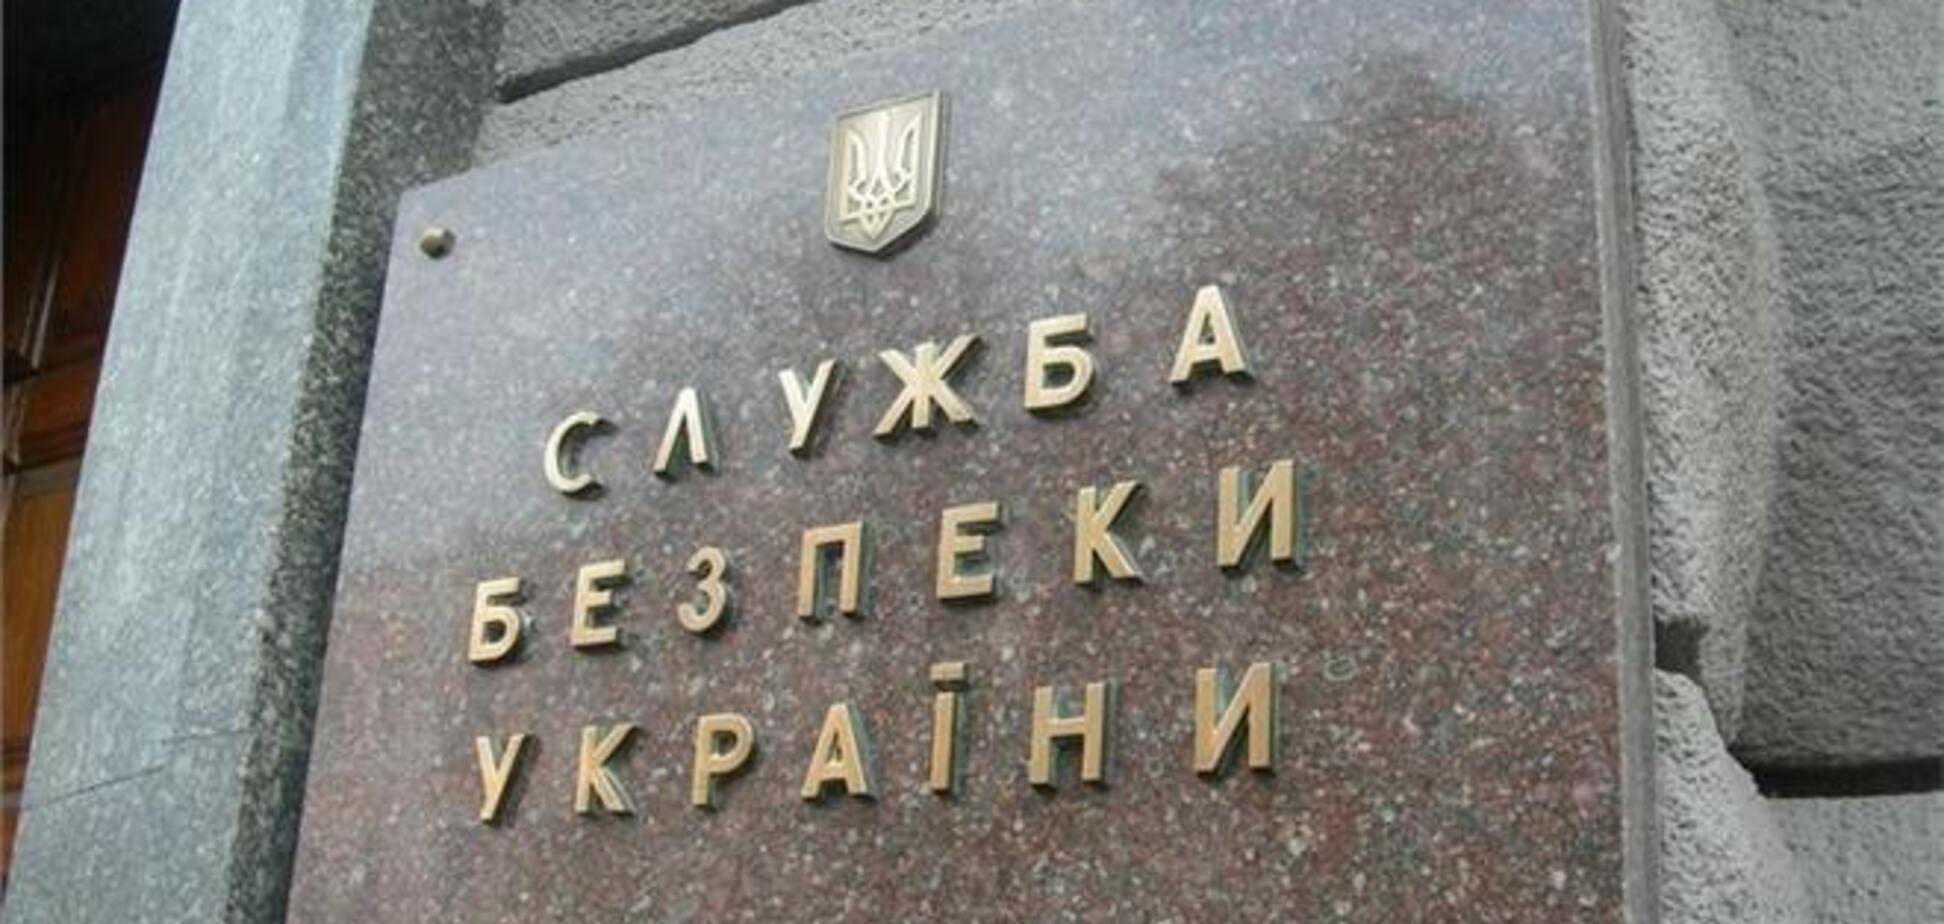 СБУ розкрила розкрадання держмайна на 40 мільйонів гривень